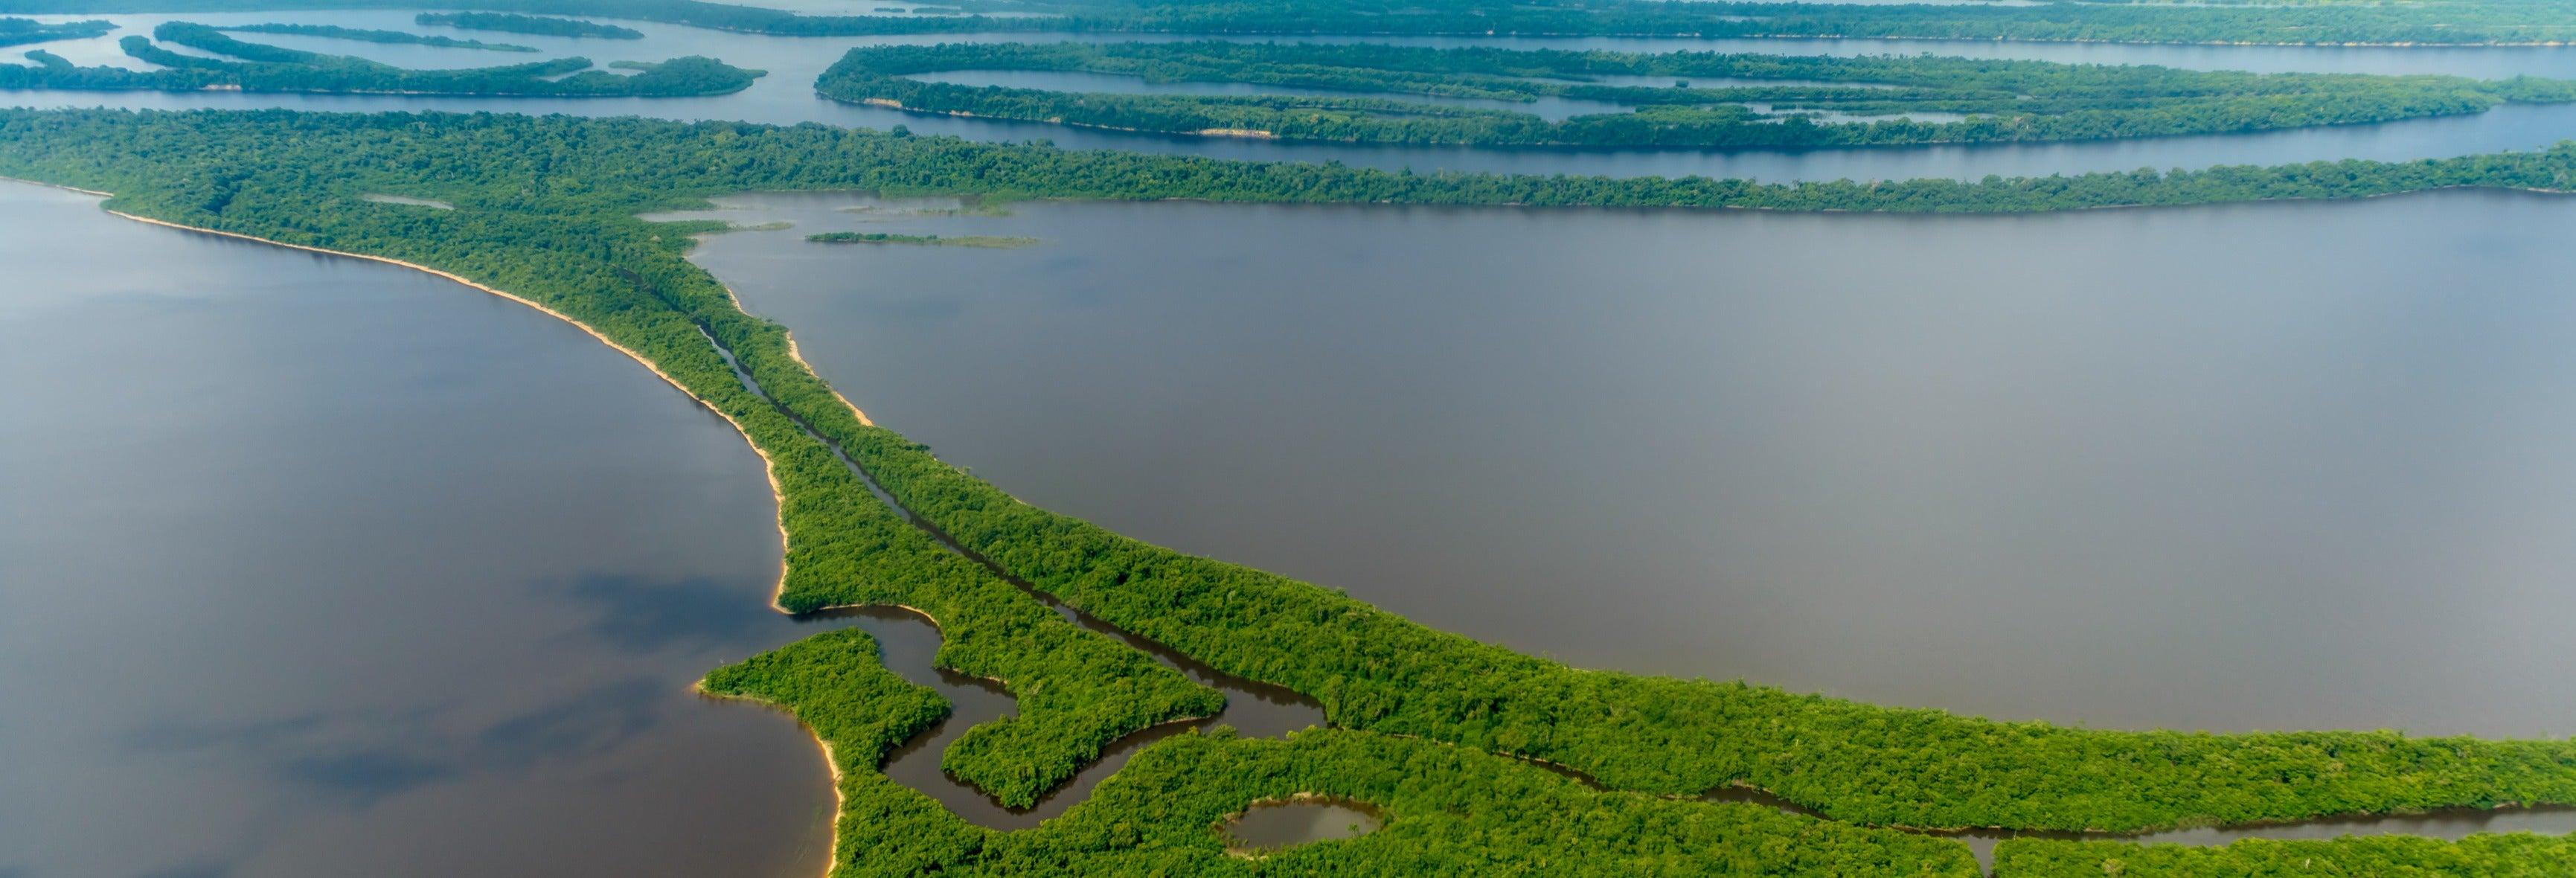 Tour: Foresta Amazzonica e arcipelago Anavilhanas